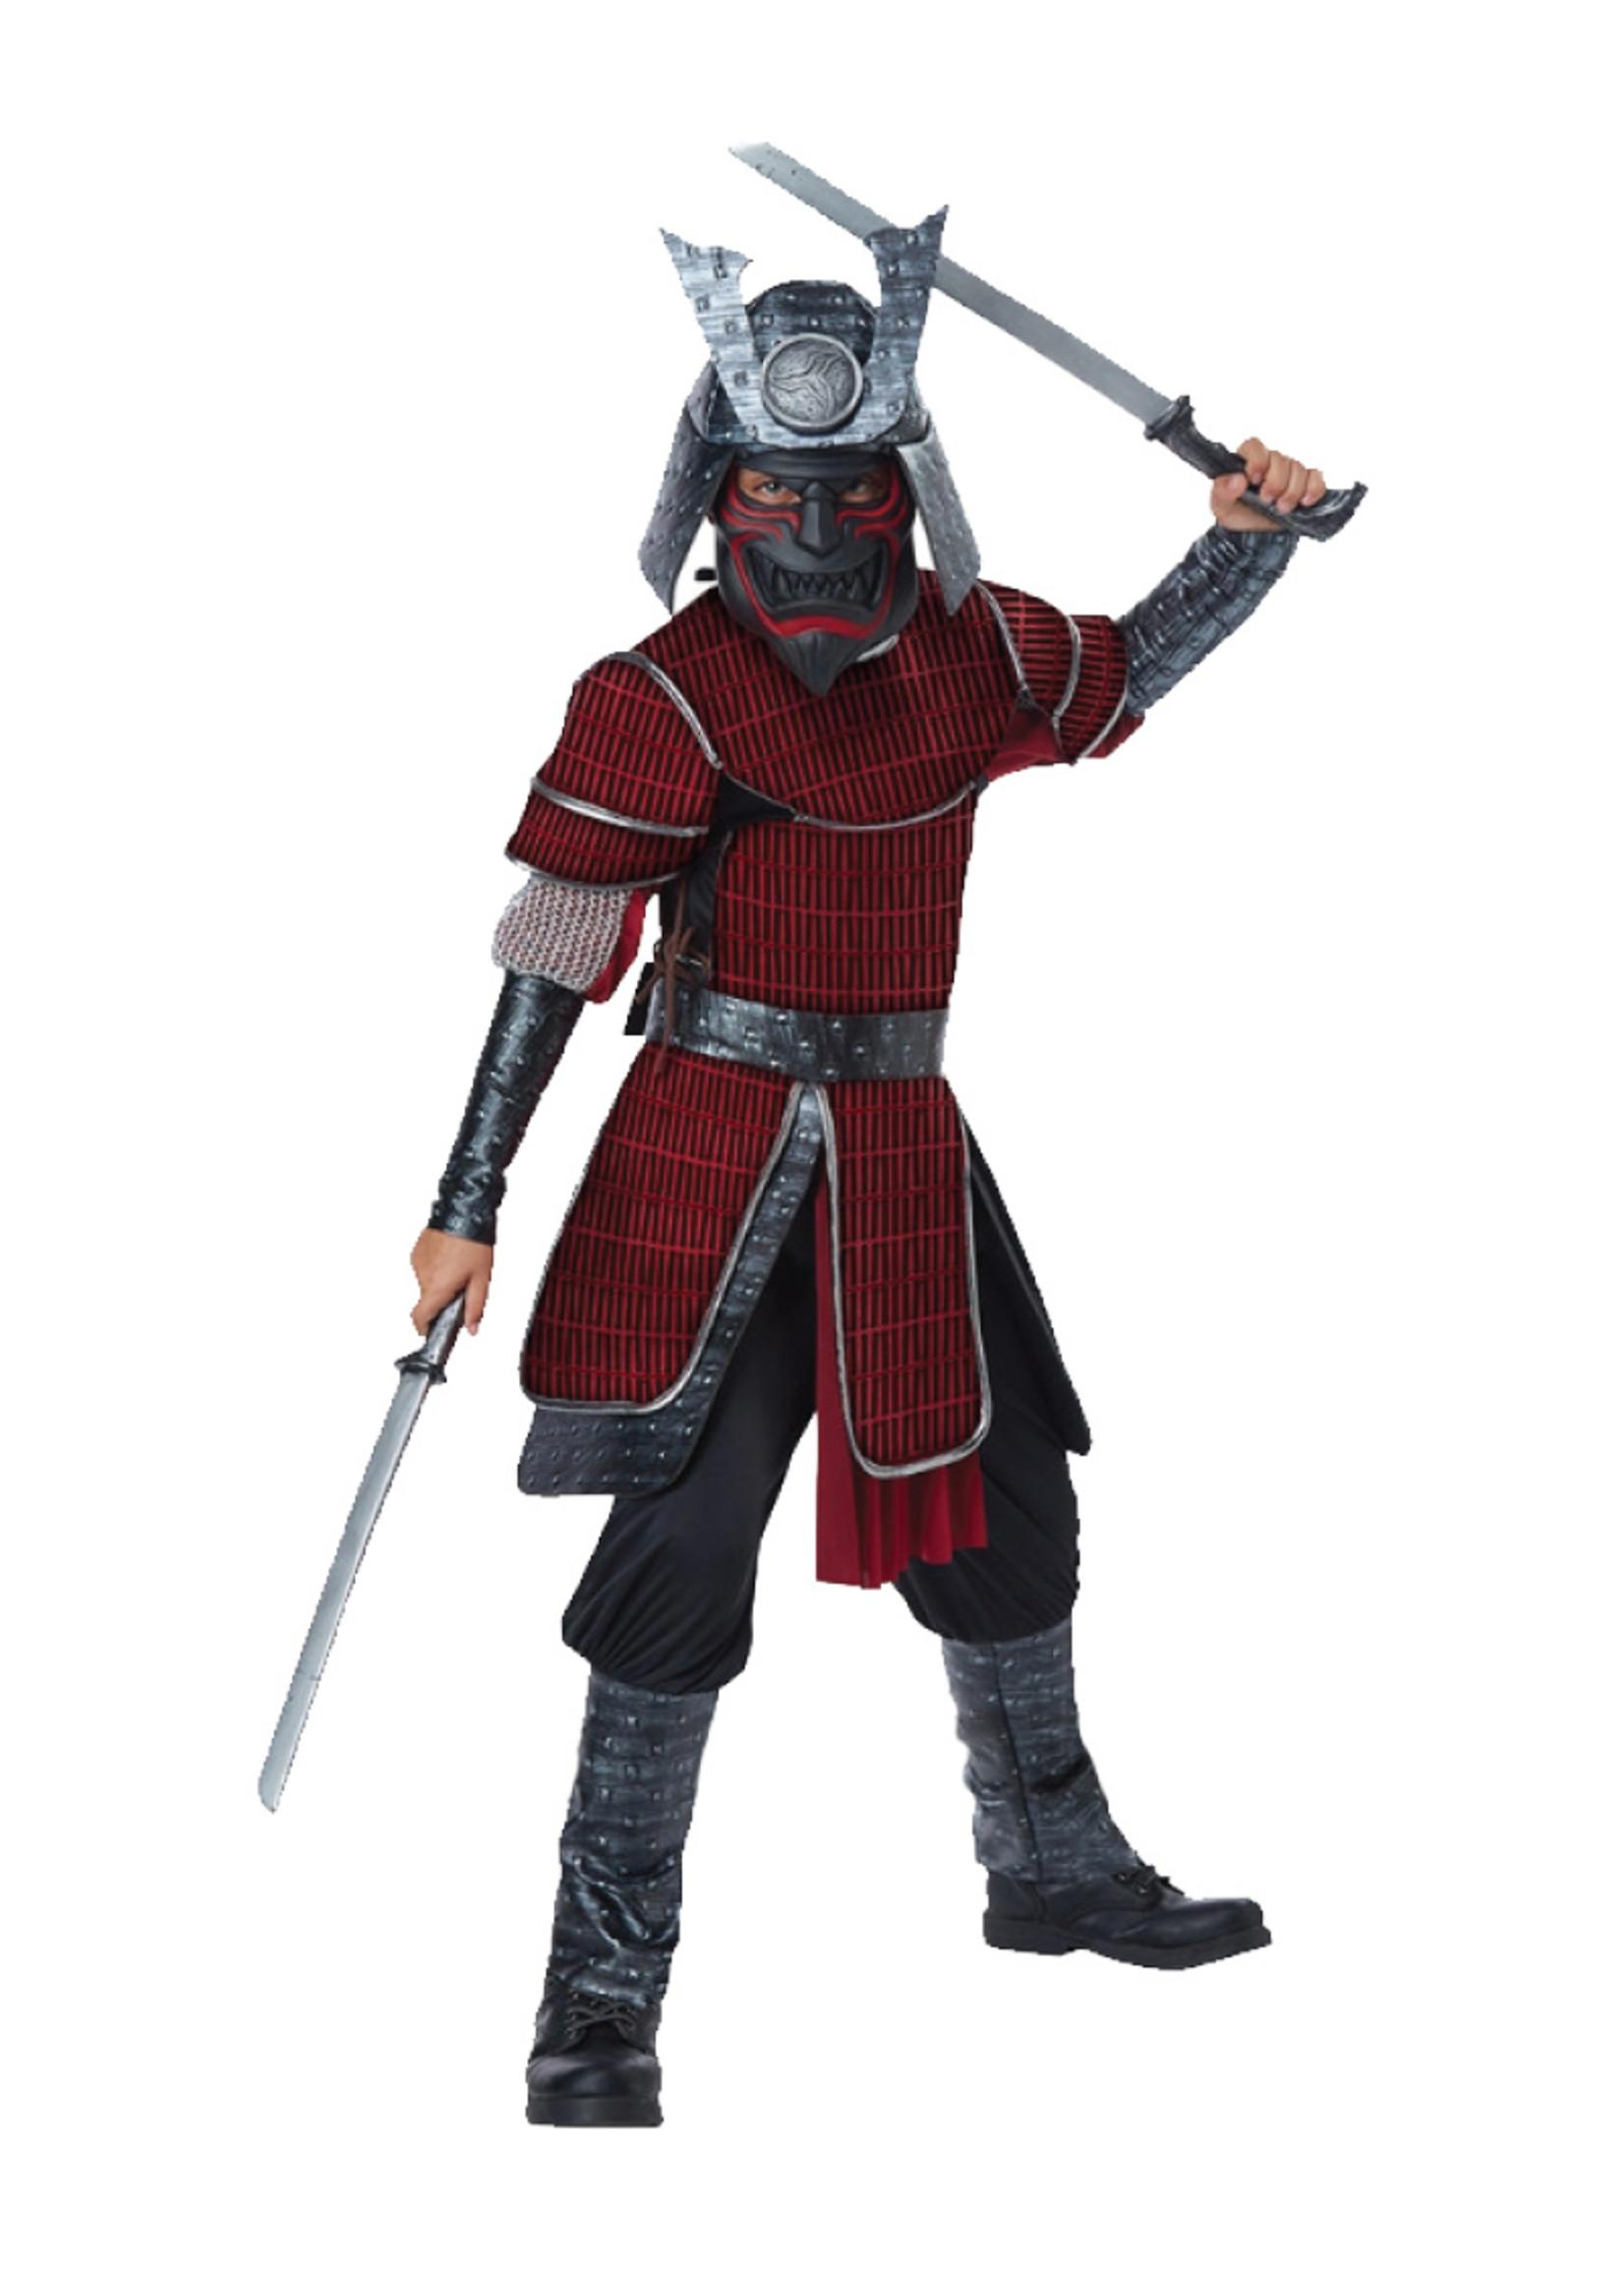 Samurai Costume - Boys